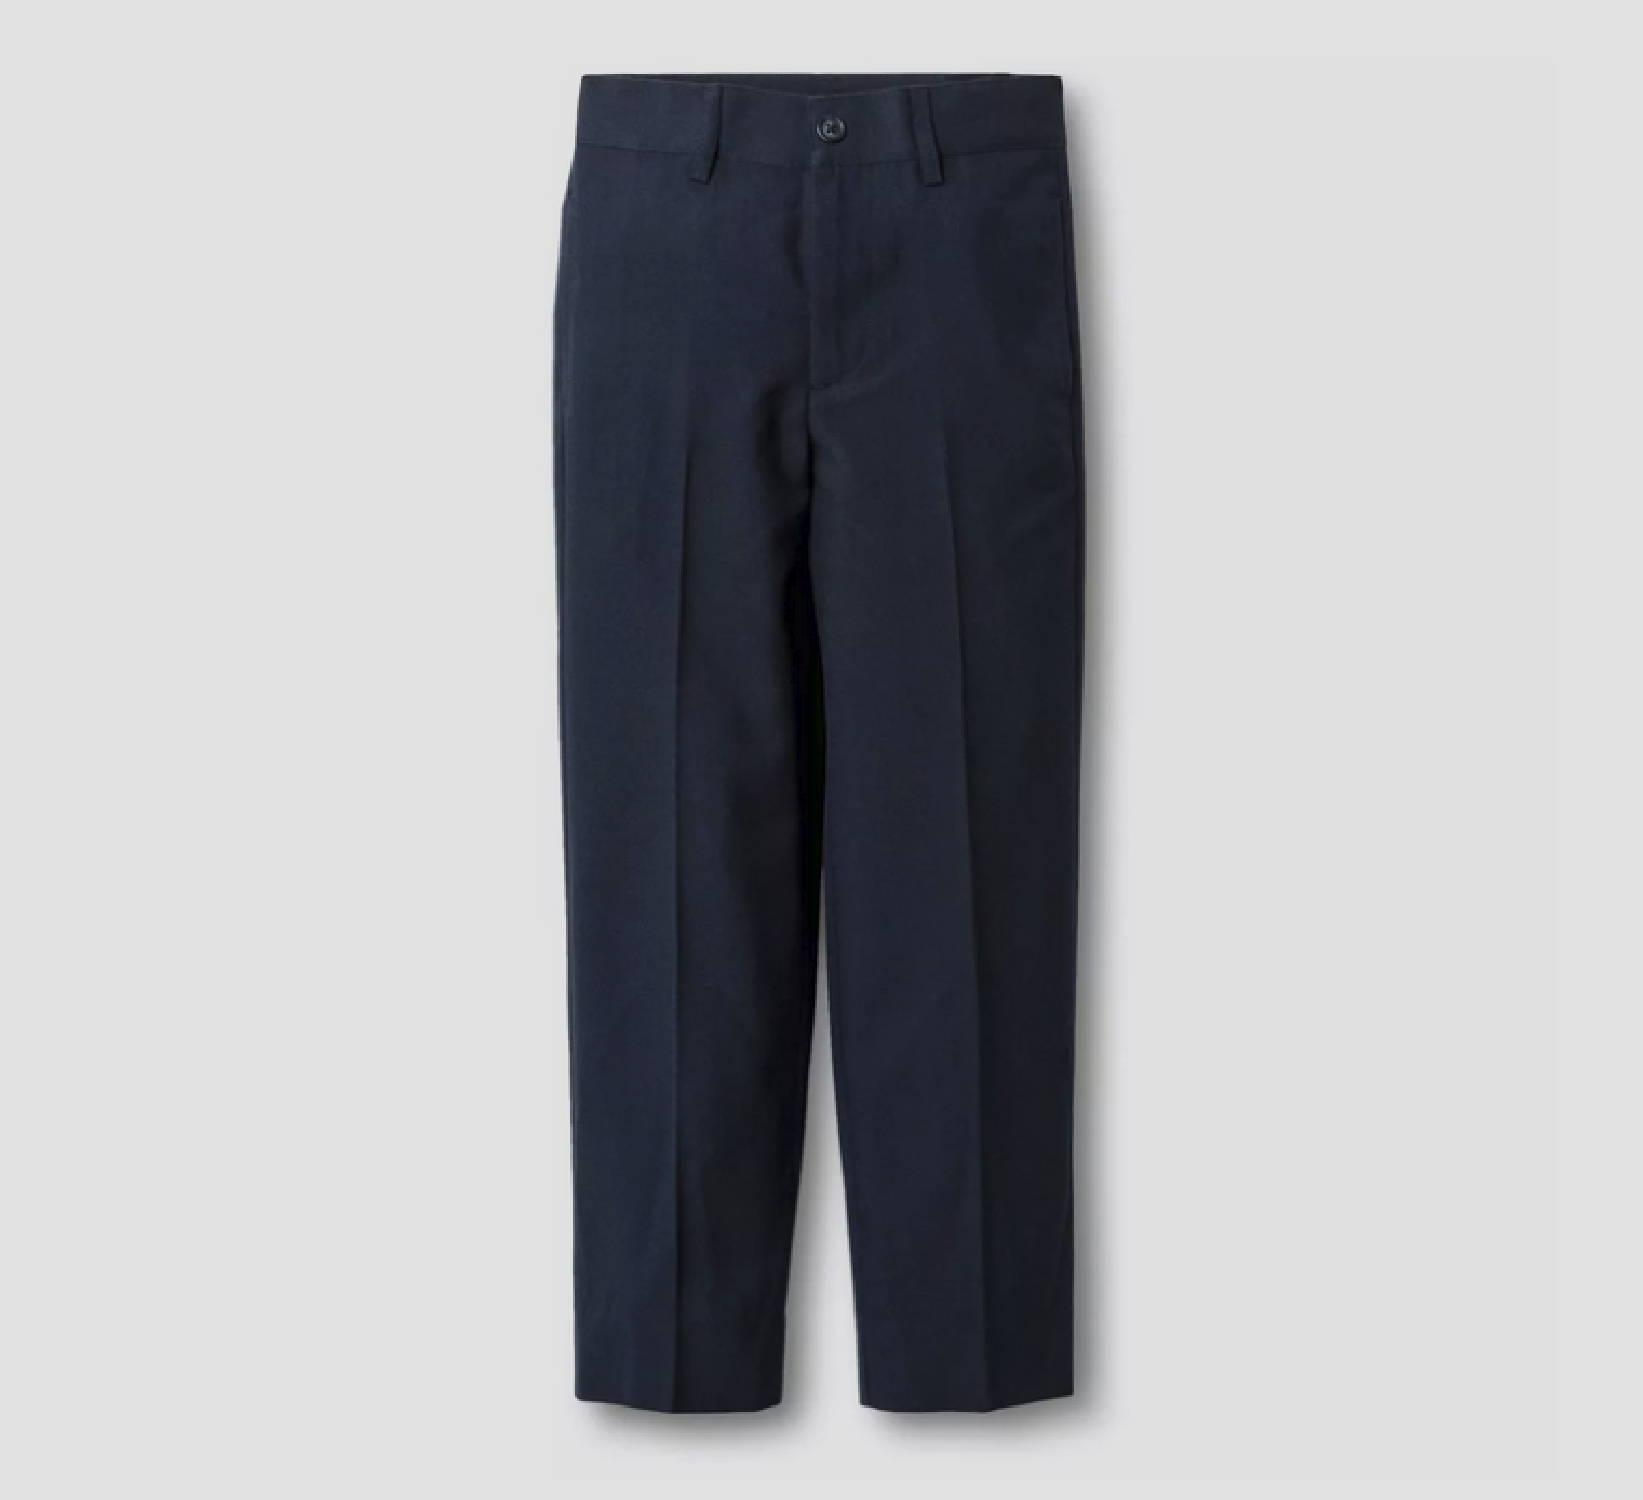 Ring Bearer Navy Pants